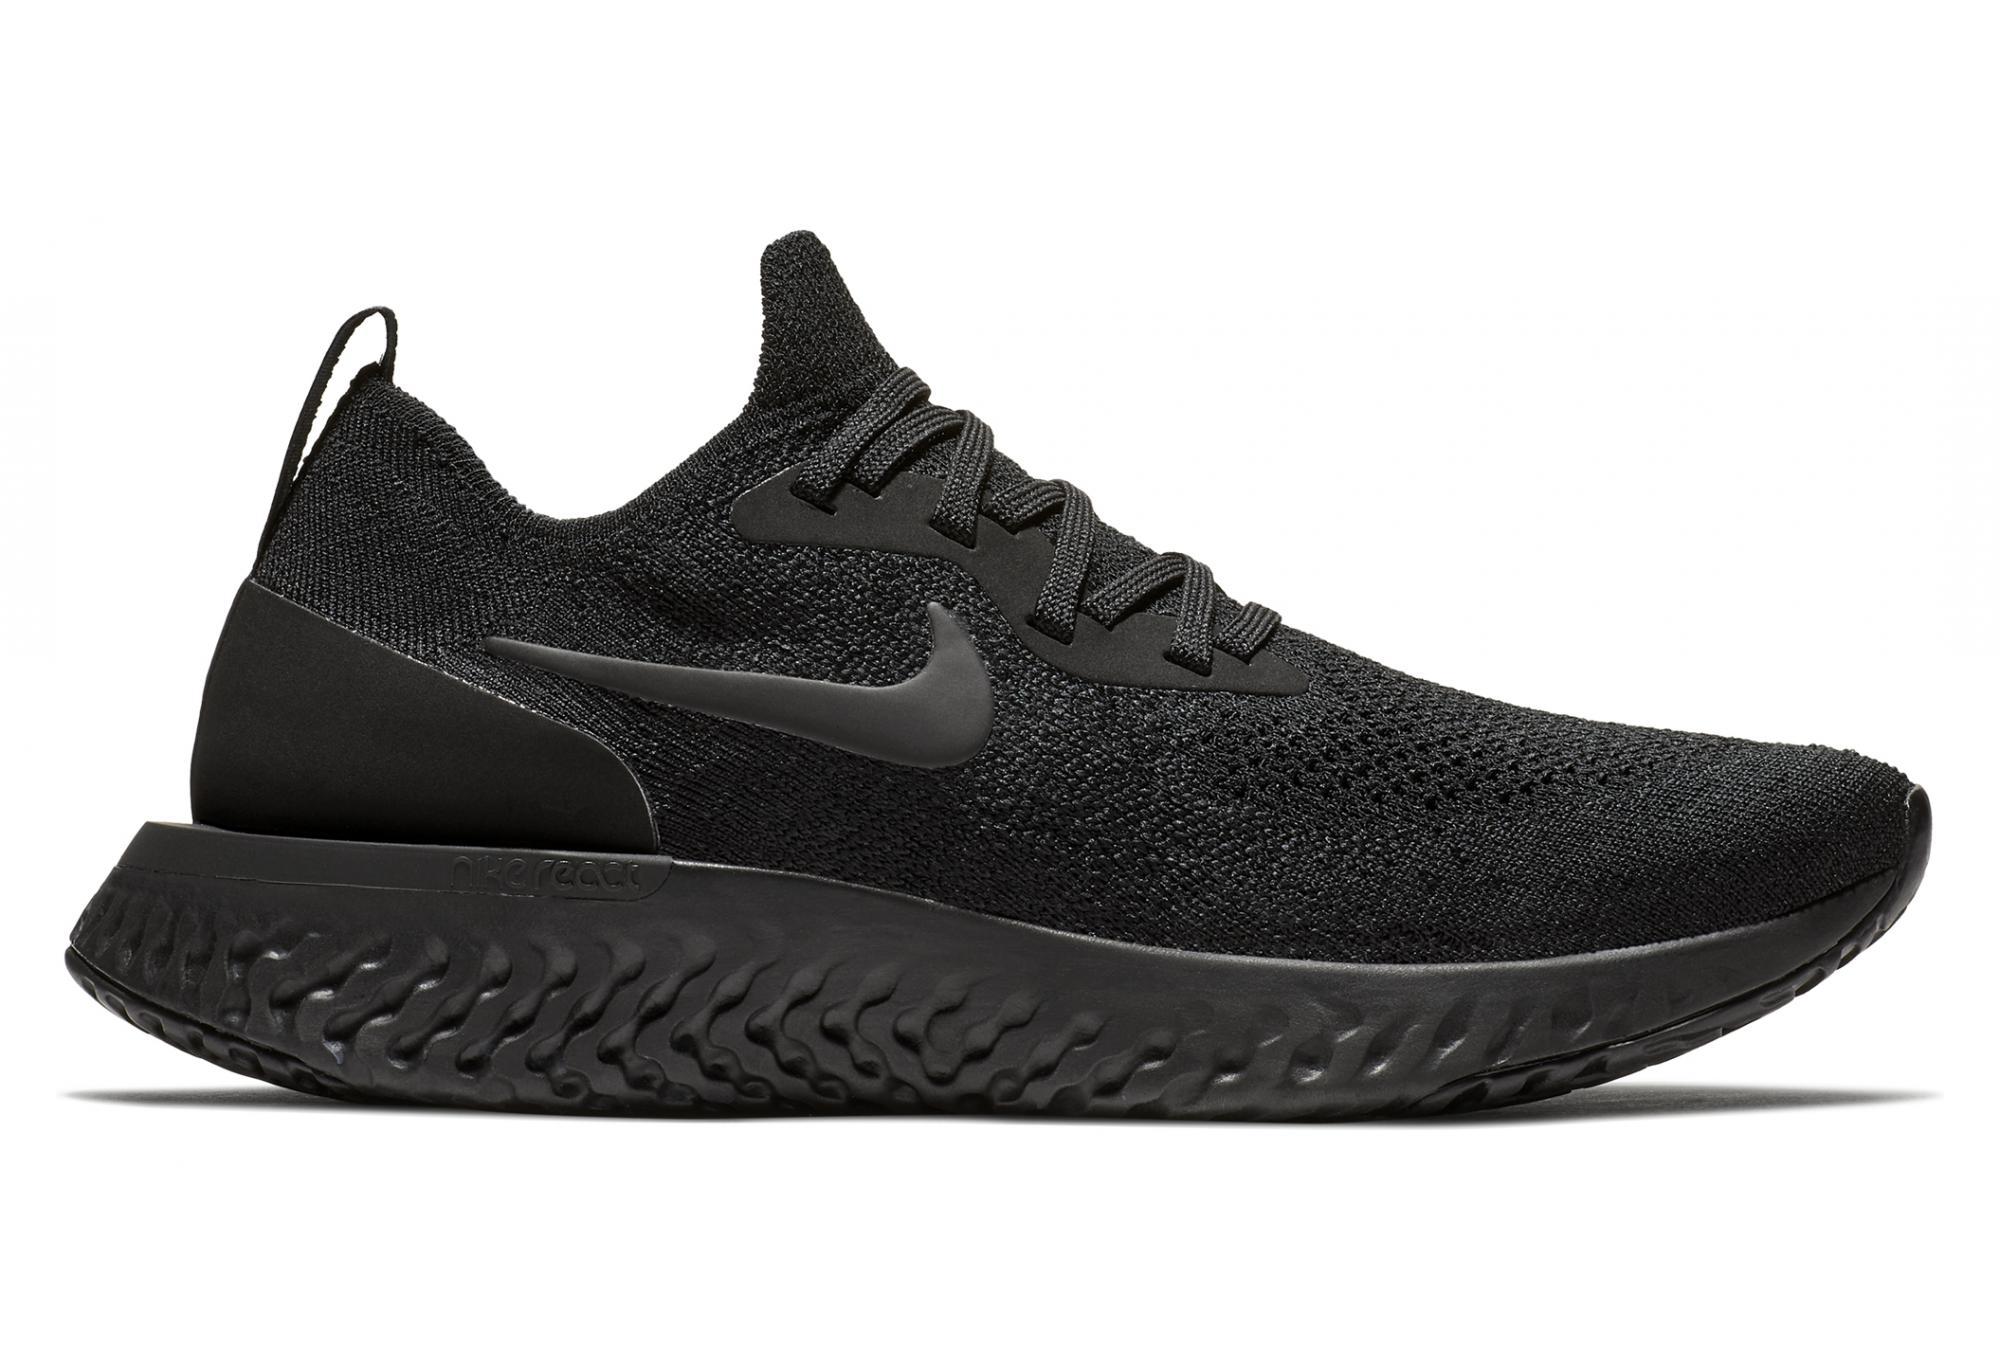 5e133dabb283 Nike Epic React Flyknit Women s Shoes Black